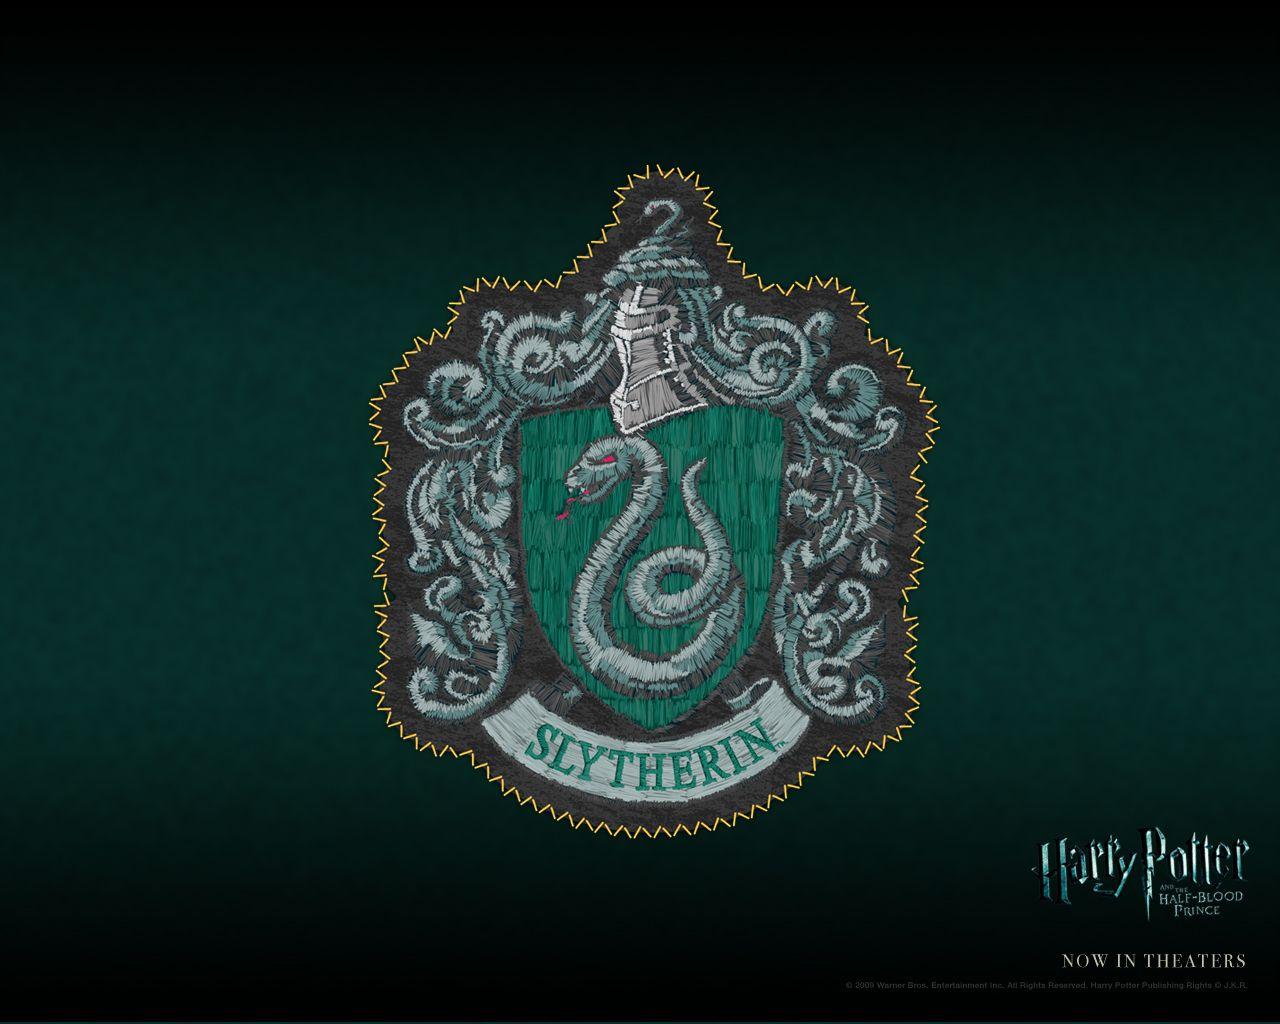 Images For Hogwarts Crest Wallpaper Slytherin 1280x1024